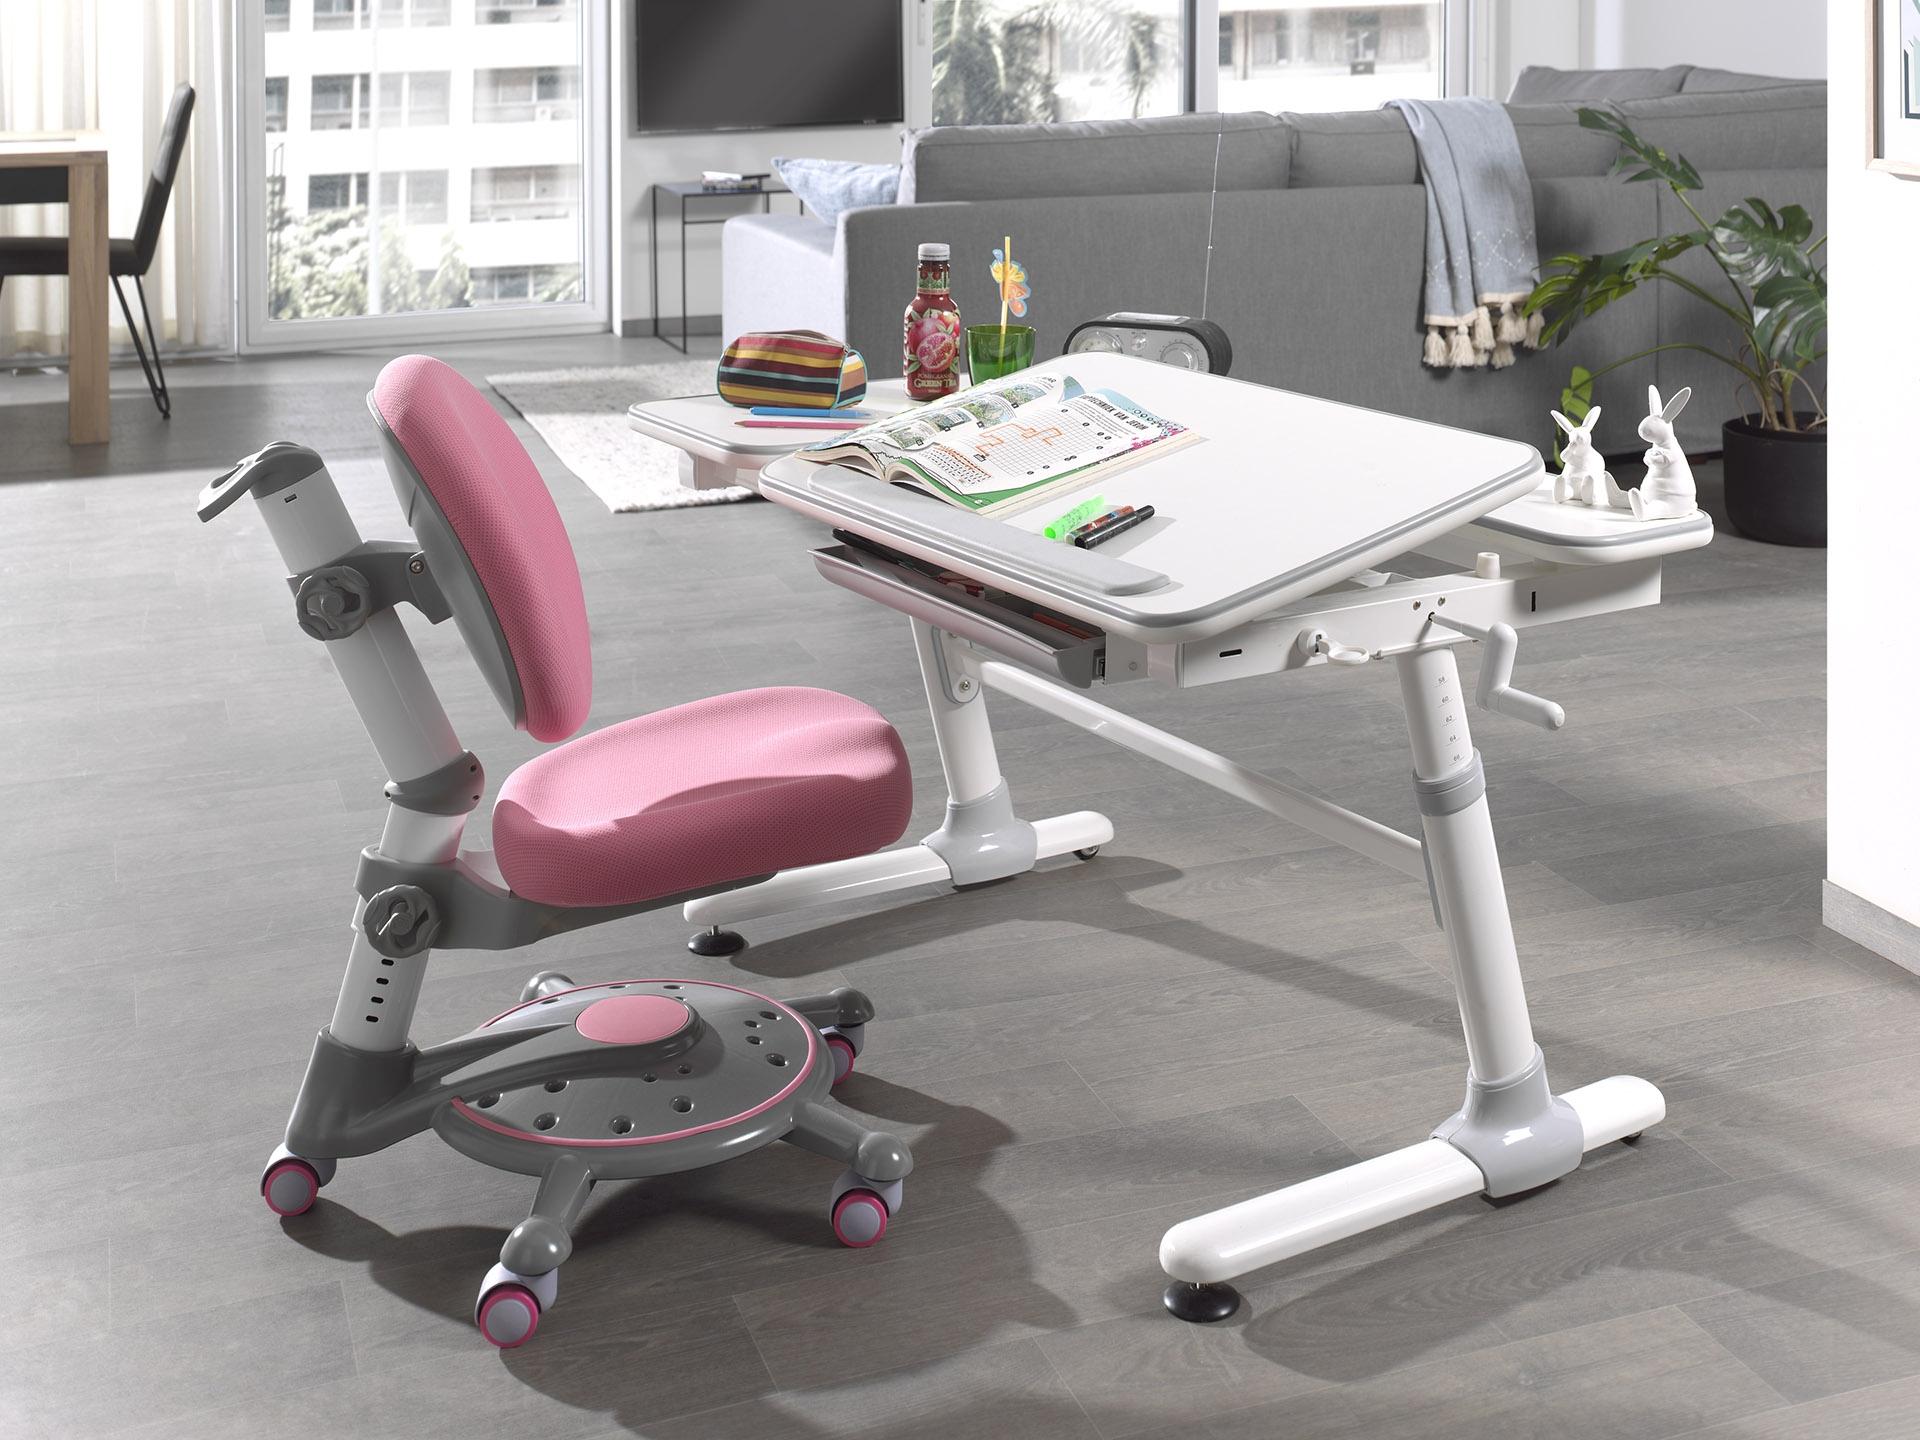 Set birou ergonomic pentru copii, reglabil pe inaltime Comfortline Alb / Roz, L119xl73xH56-80 cm imagine